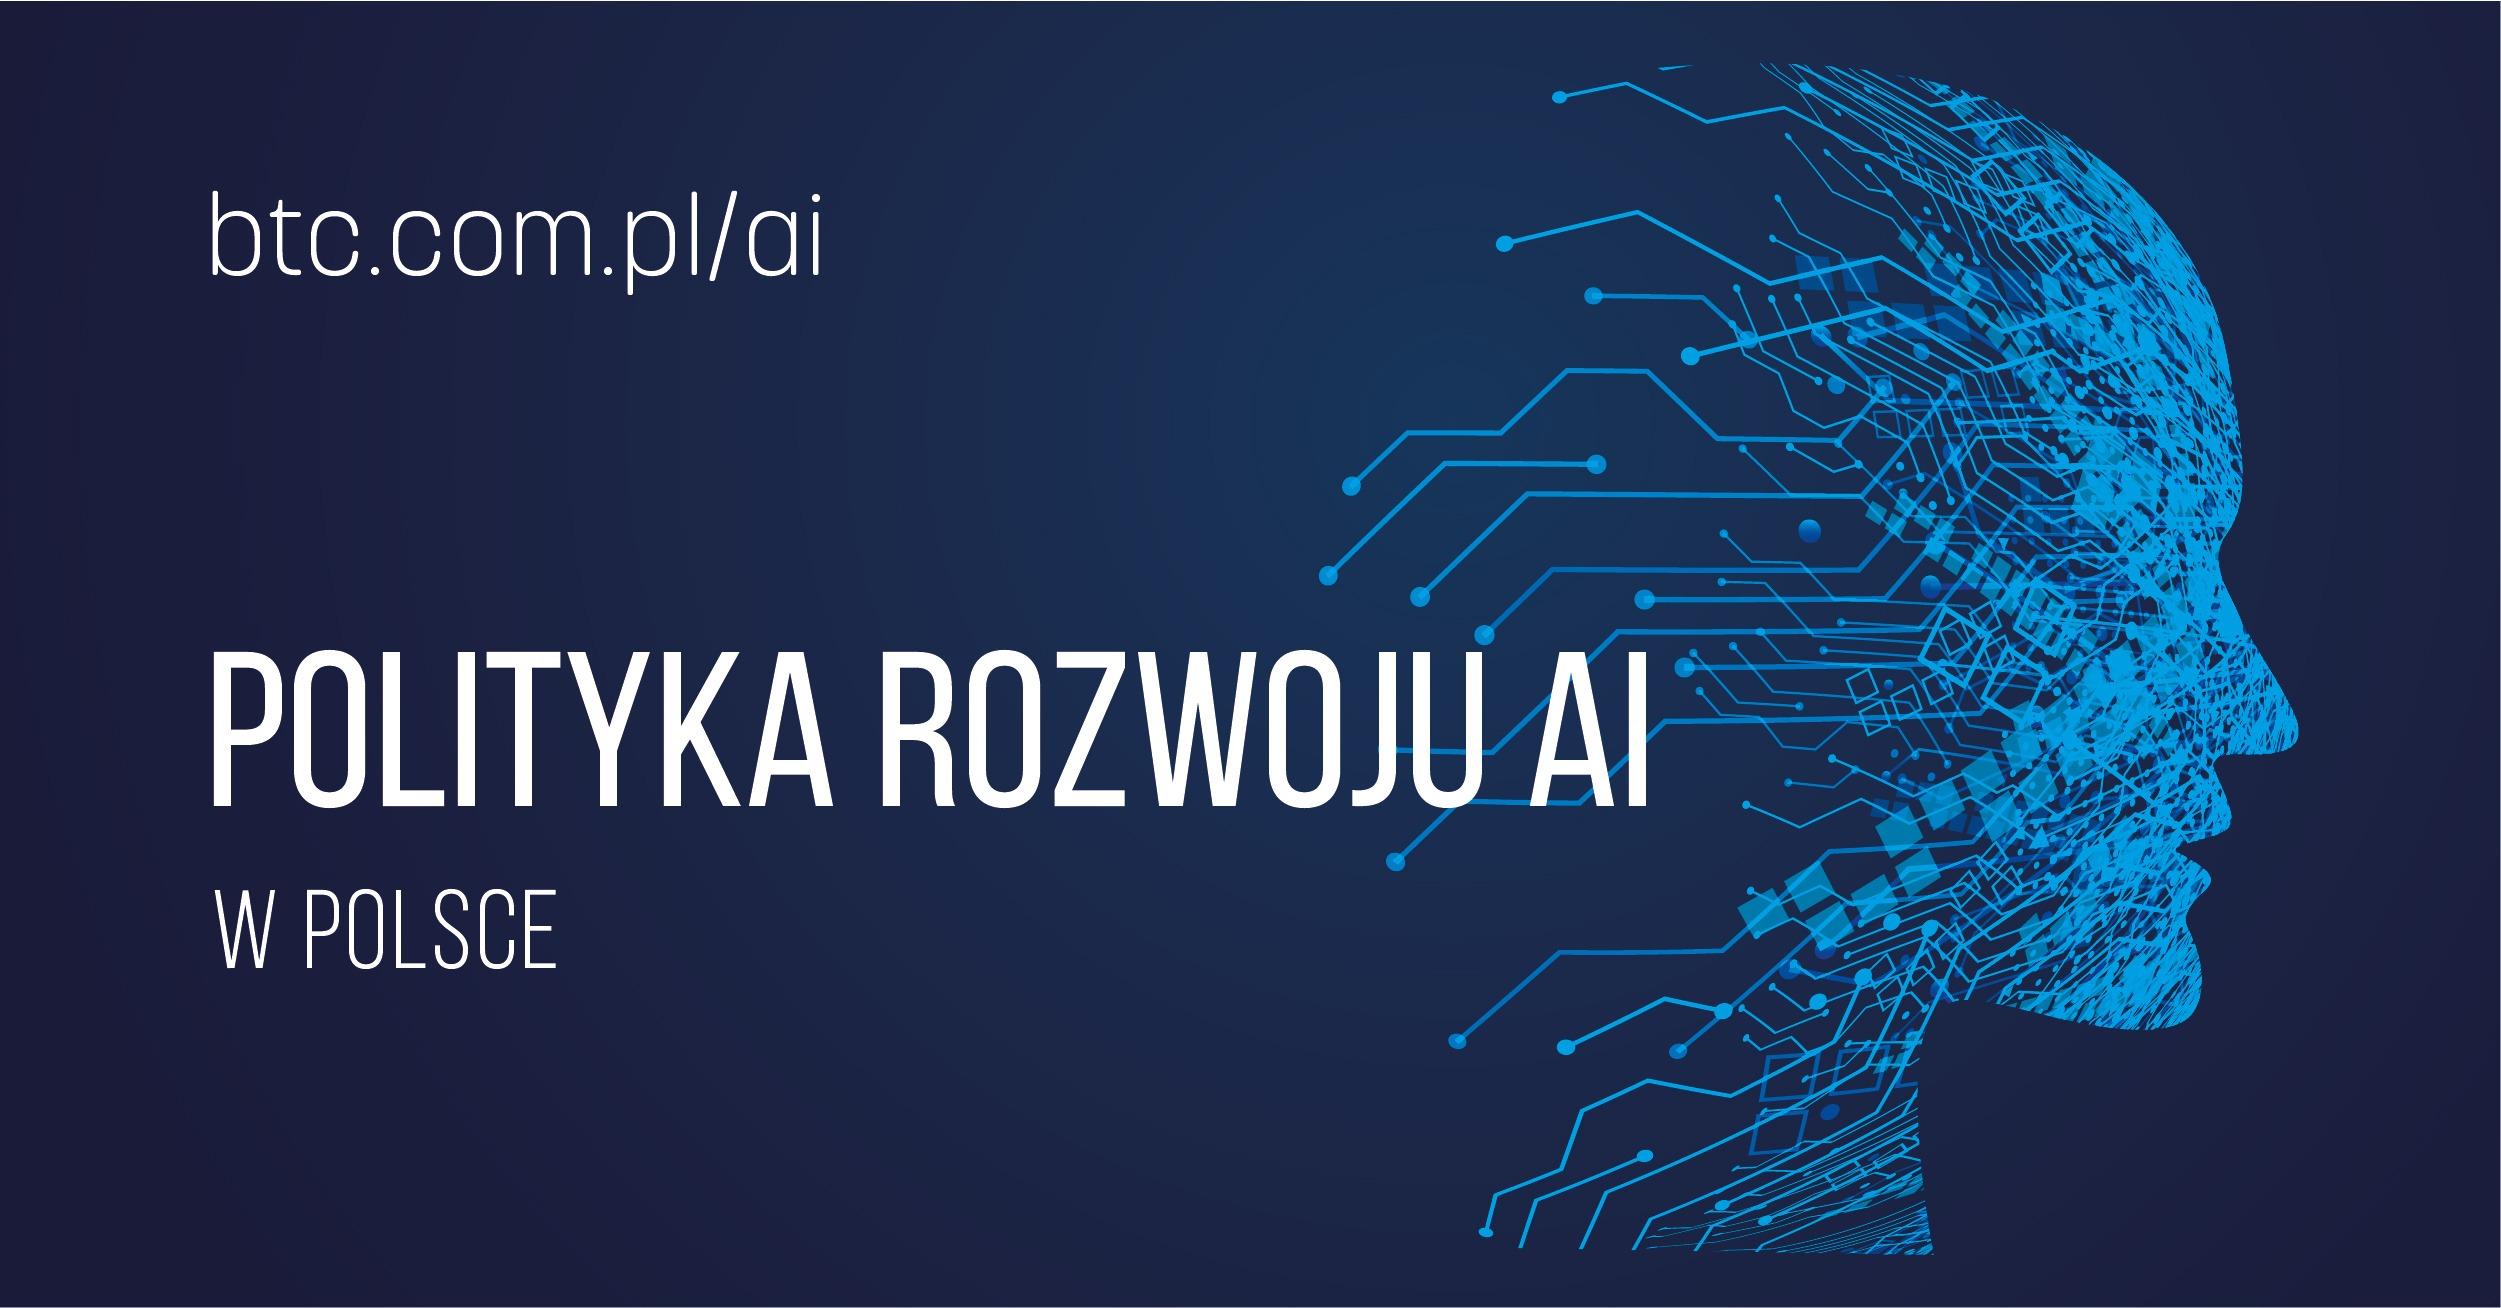 BTC Polityka rozwoju sztucznej inteligencji w Polsce